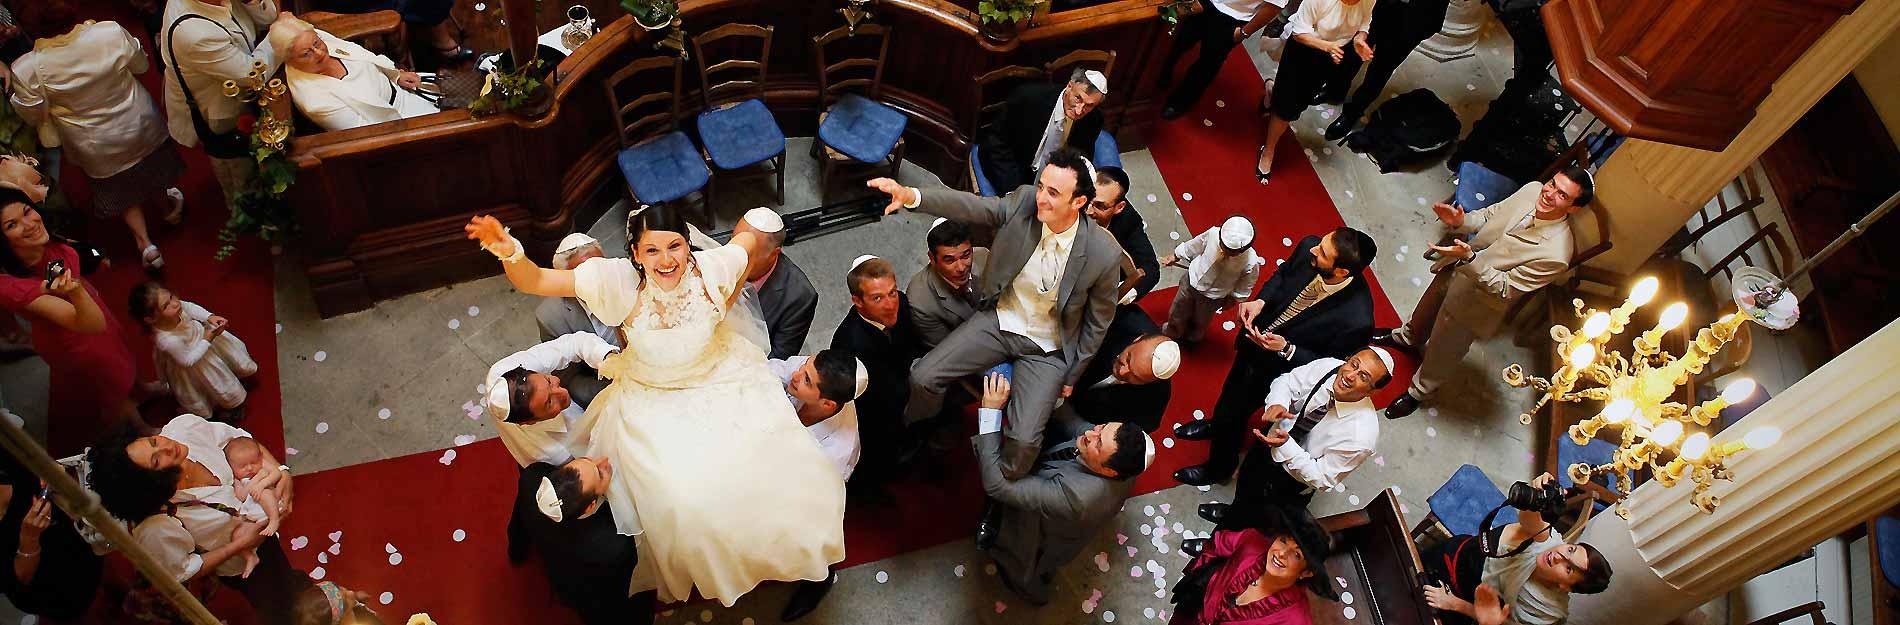 Mariage juif Avignon